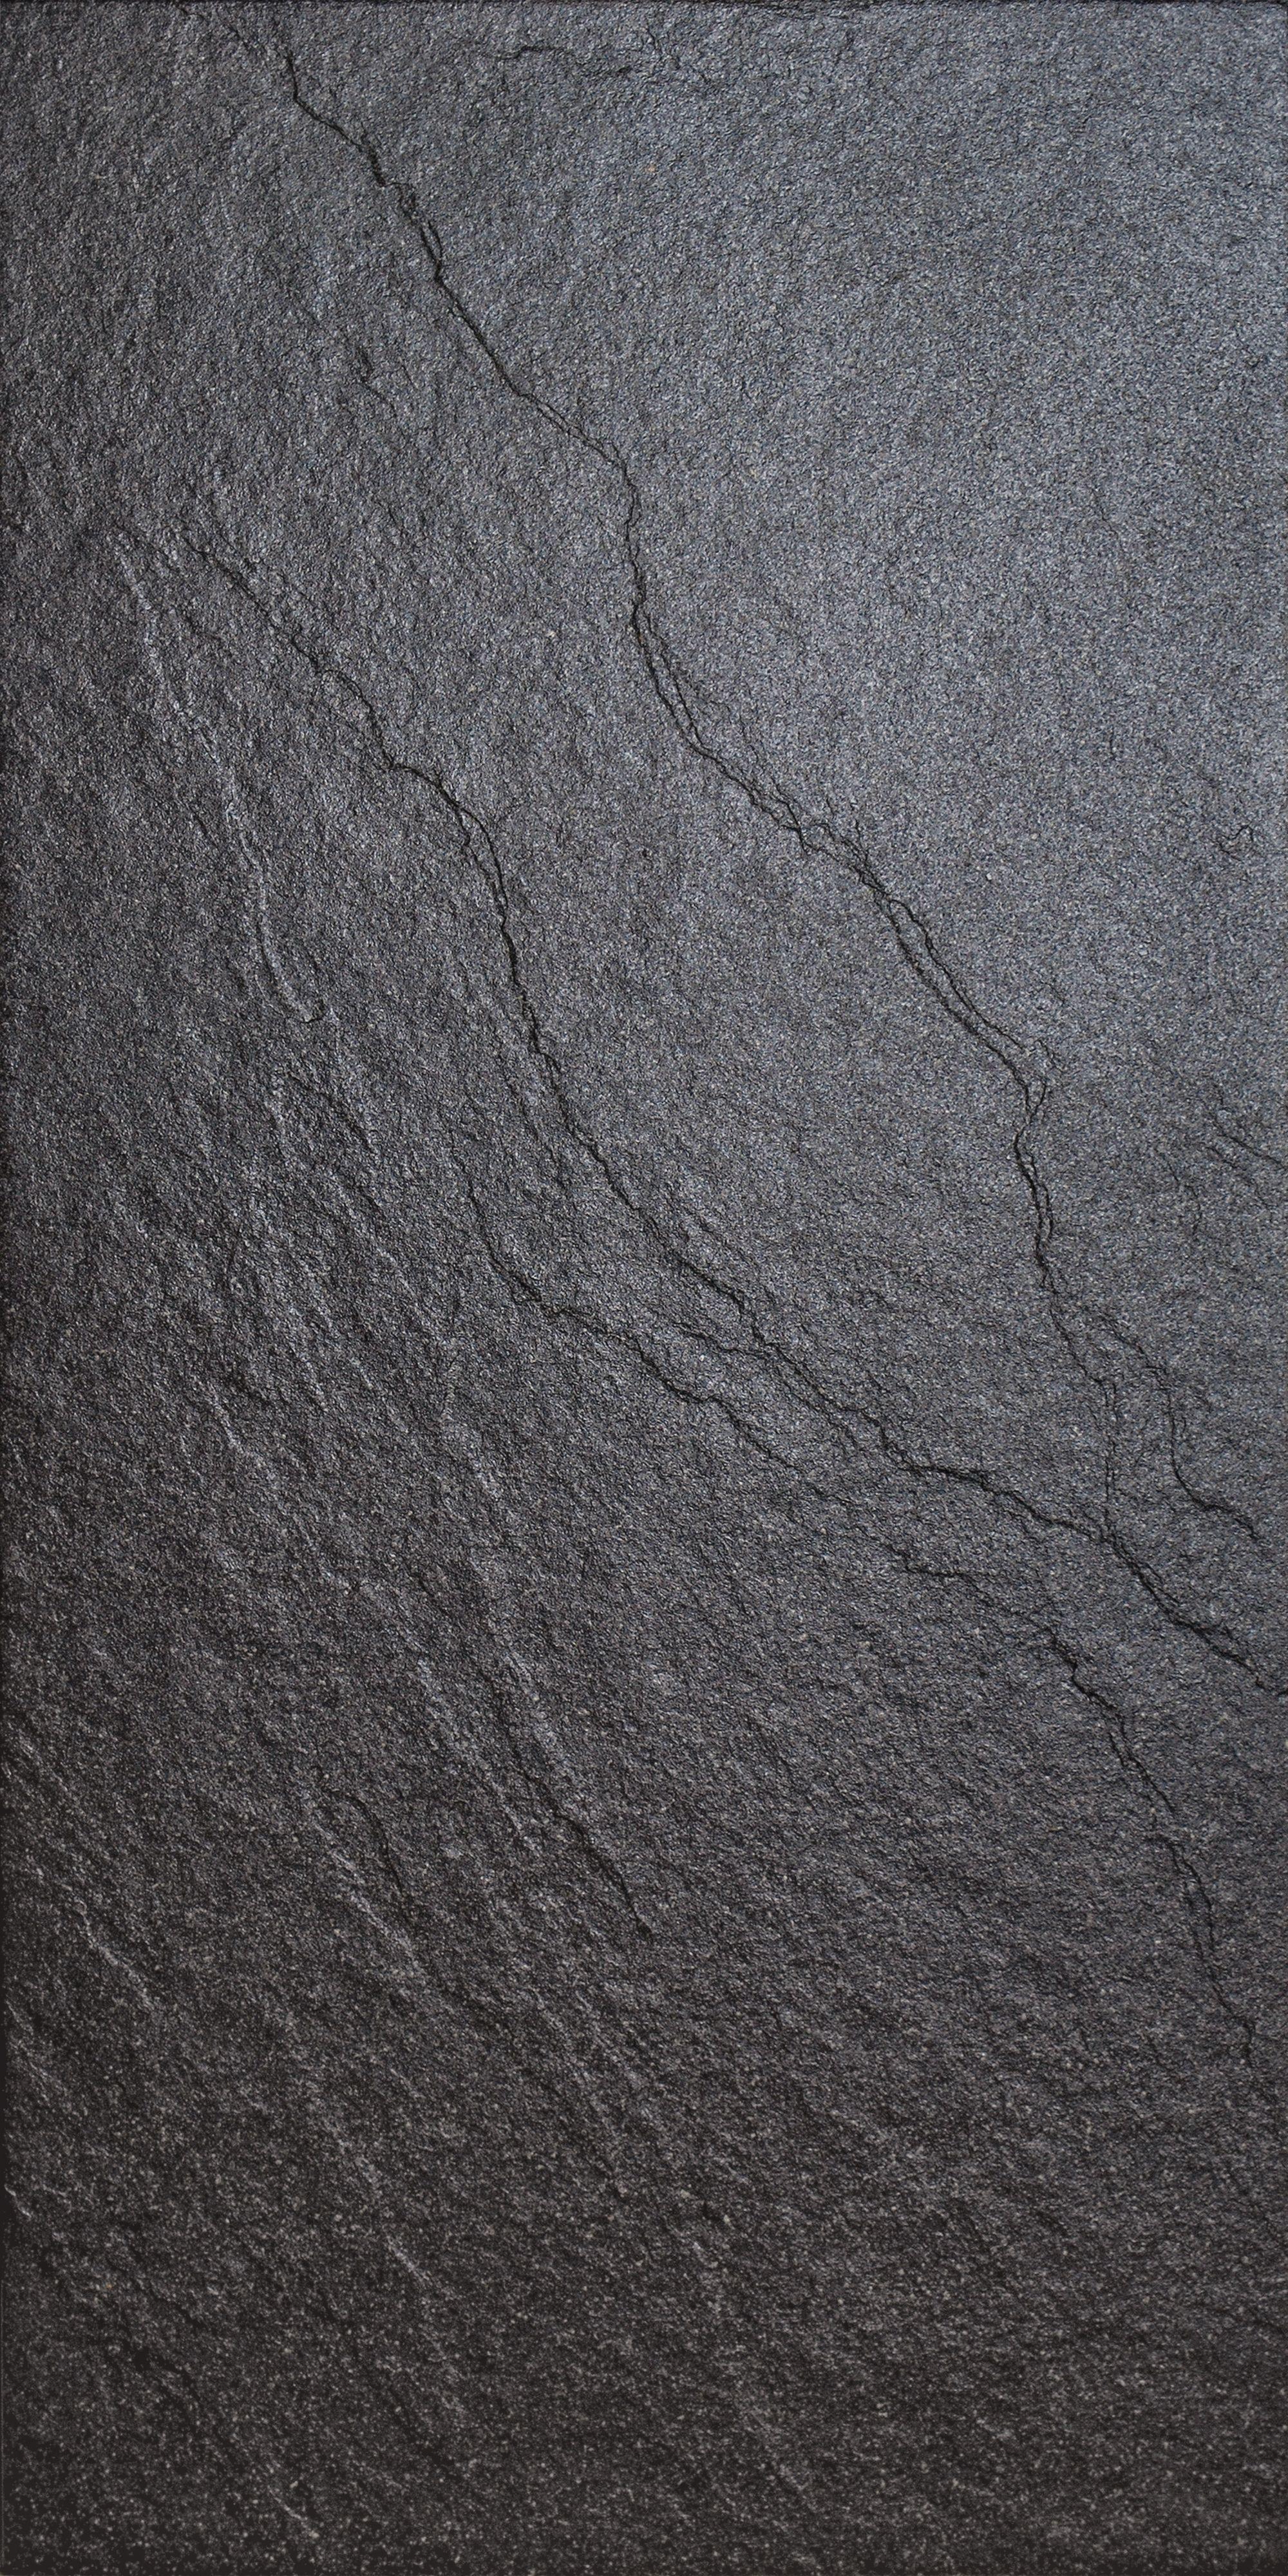 Magma Black Stone Effect Plain Porcelain Wall Floor Tile Pack